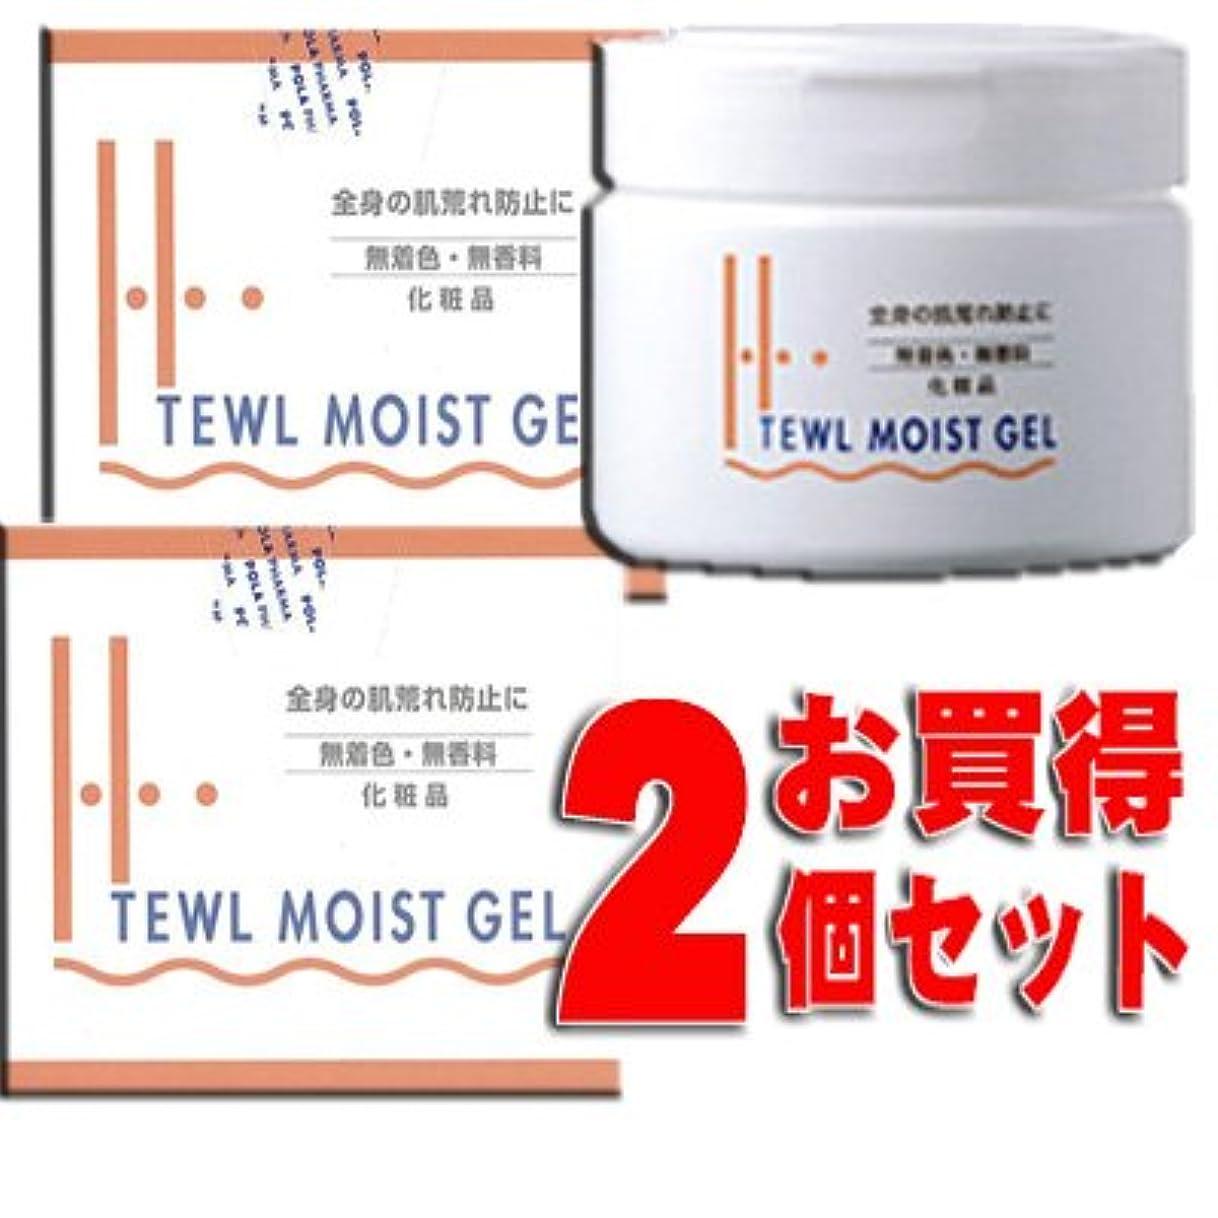 レール小川付録★お買得2個★ ハイテウル モイストジェル 300gx2個 (ポーラファルマ)エタノールや界面活性剤に敏感な方へおすすめするゲルクリームです。